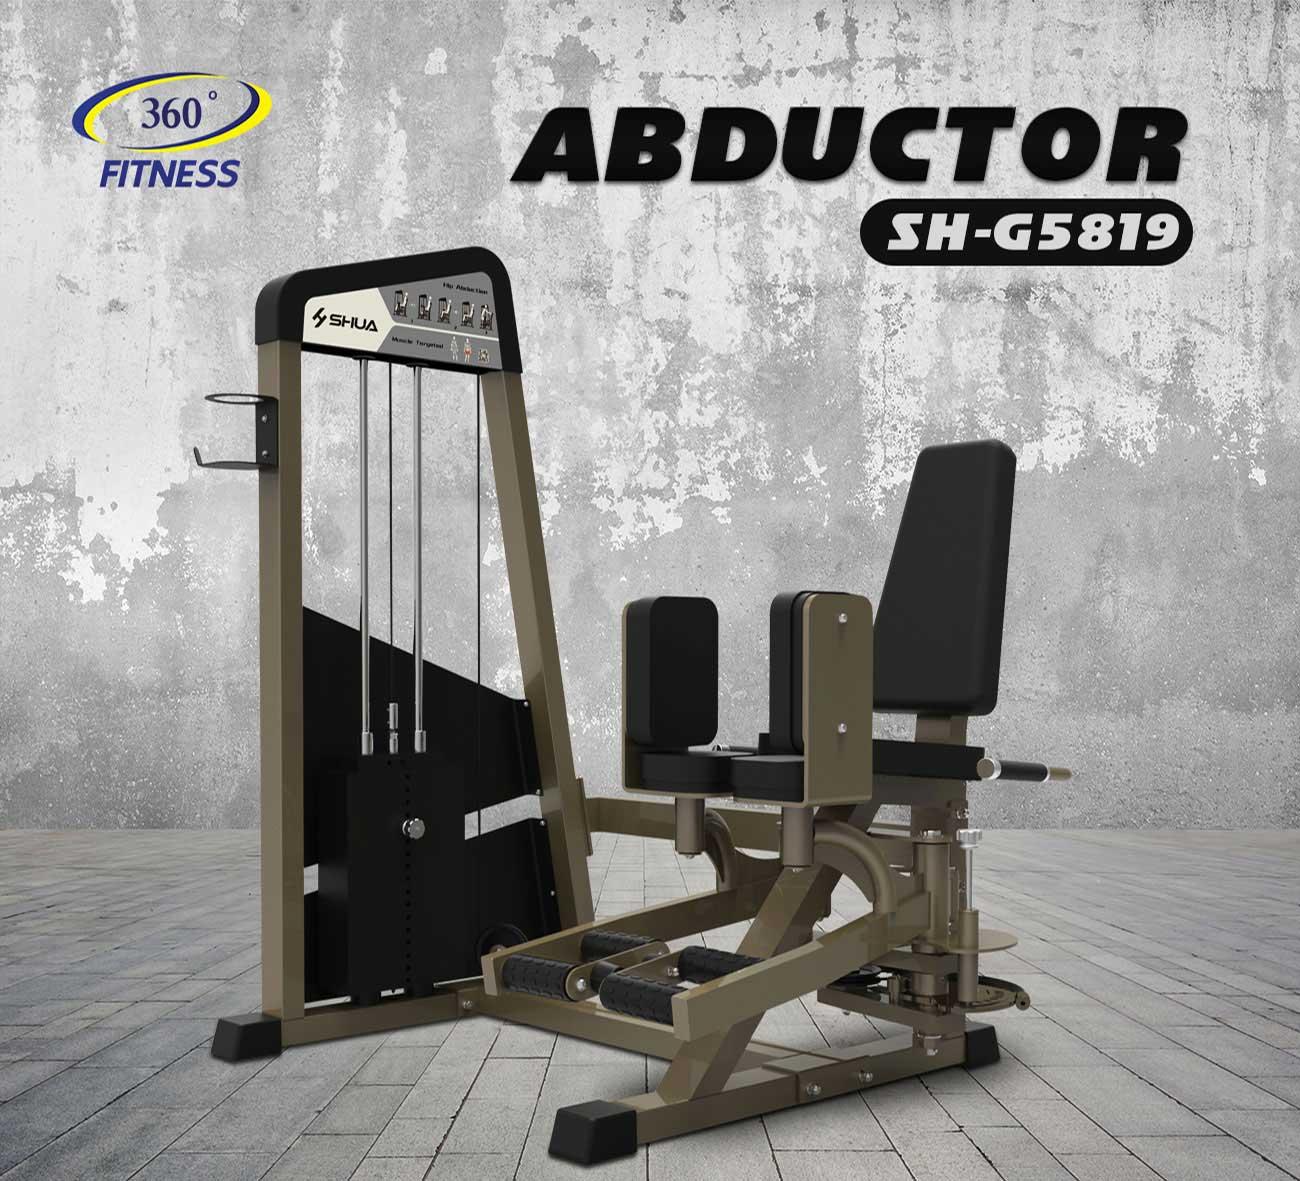 เครื่องบริหารกล้ามเนื้อส่วนขาบริเวณต้นขาด้านในและด้านนอก Adductor/Abductor (SH-G5819)